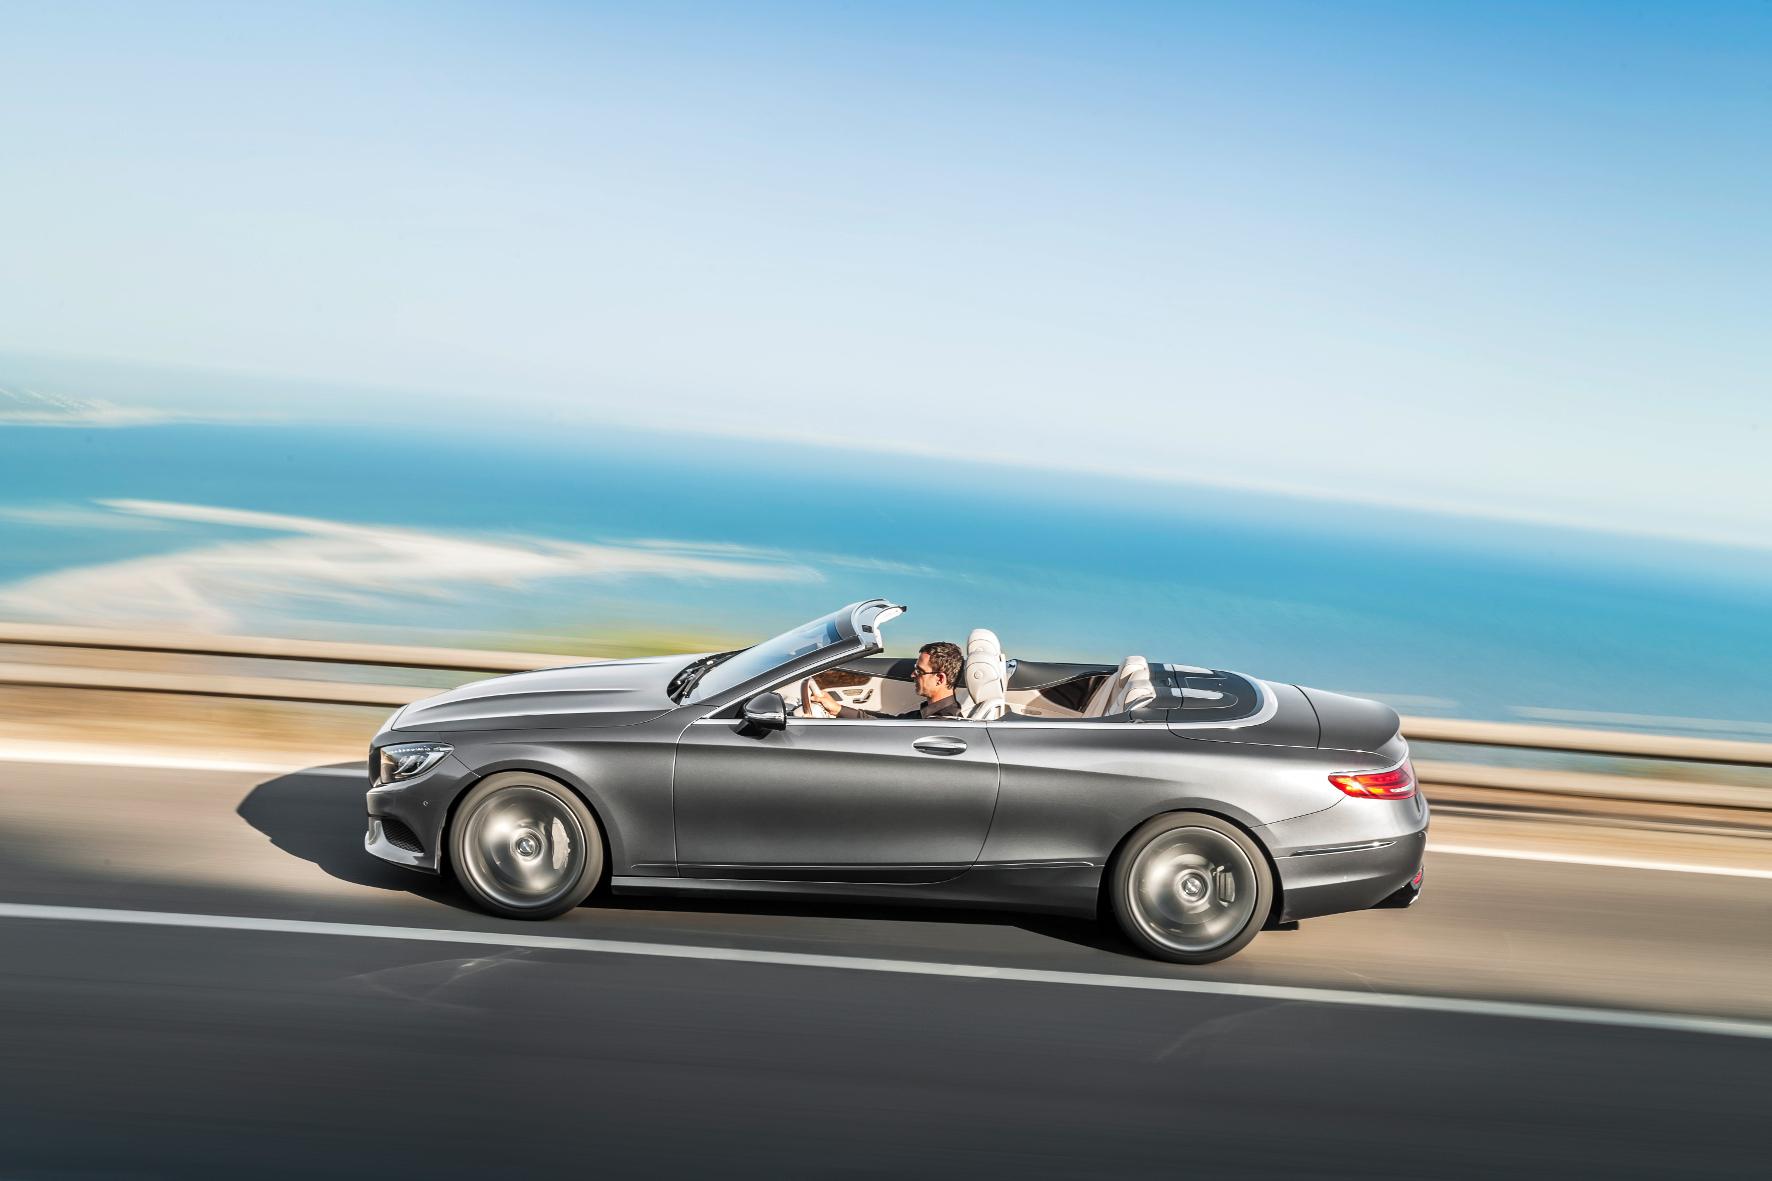 mid Nizza - Höchster Luxus für vier Personen, mit viel Stil, aber ohne Dach: das Mercedes-Benz S-Klasse Cabriolet.